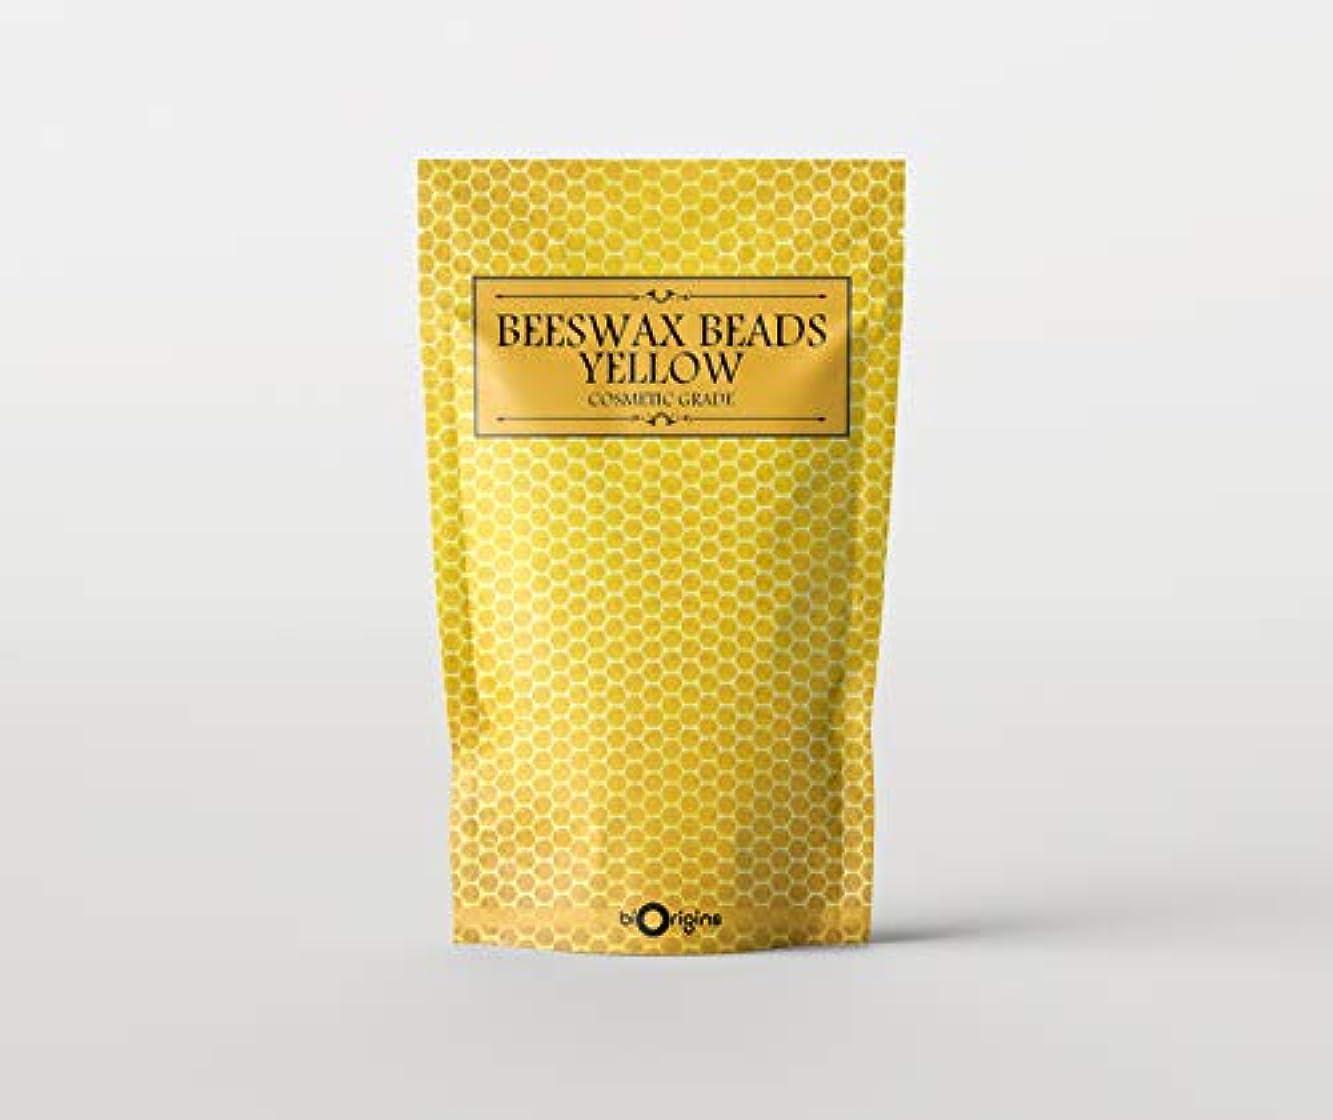 カップ渇きインタラクションBeeswax Beads Yellow - Cosmetic Grade - 500g